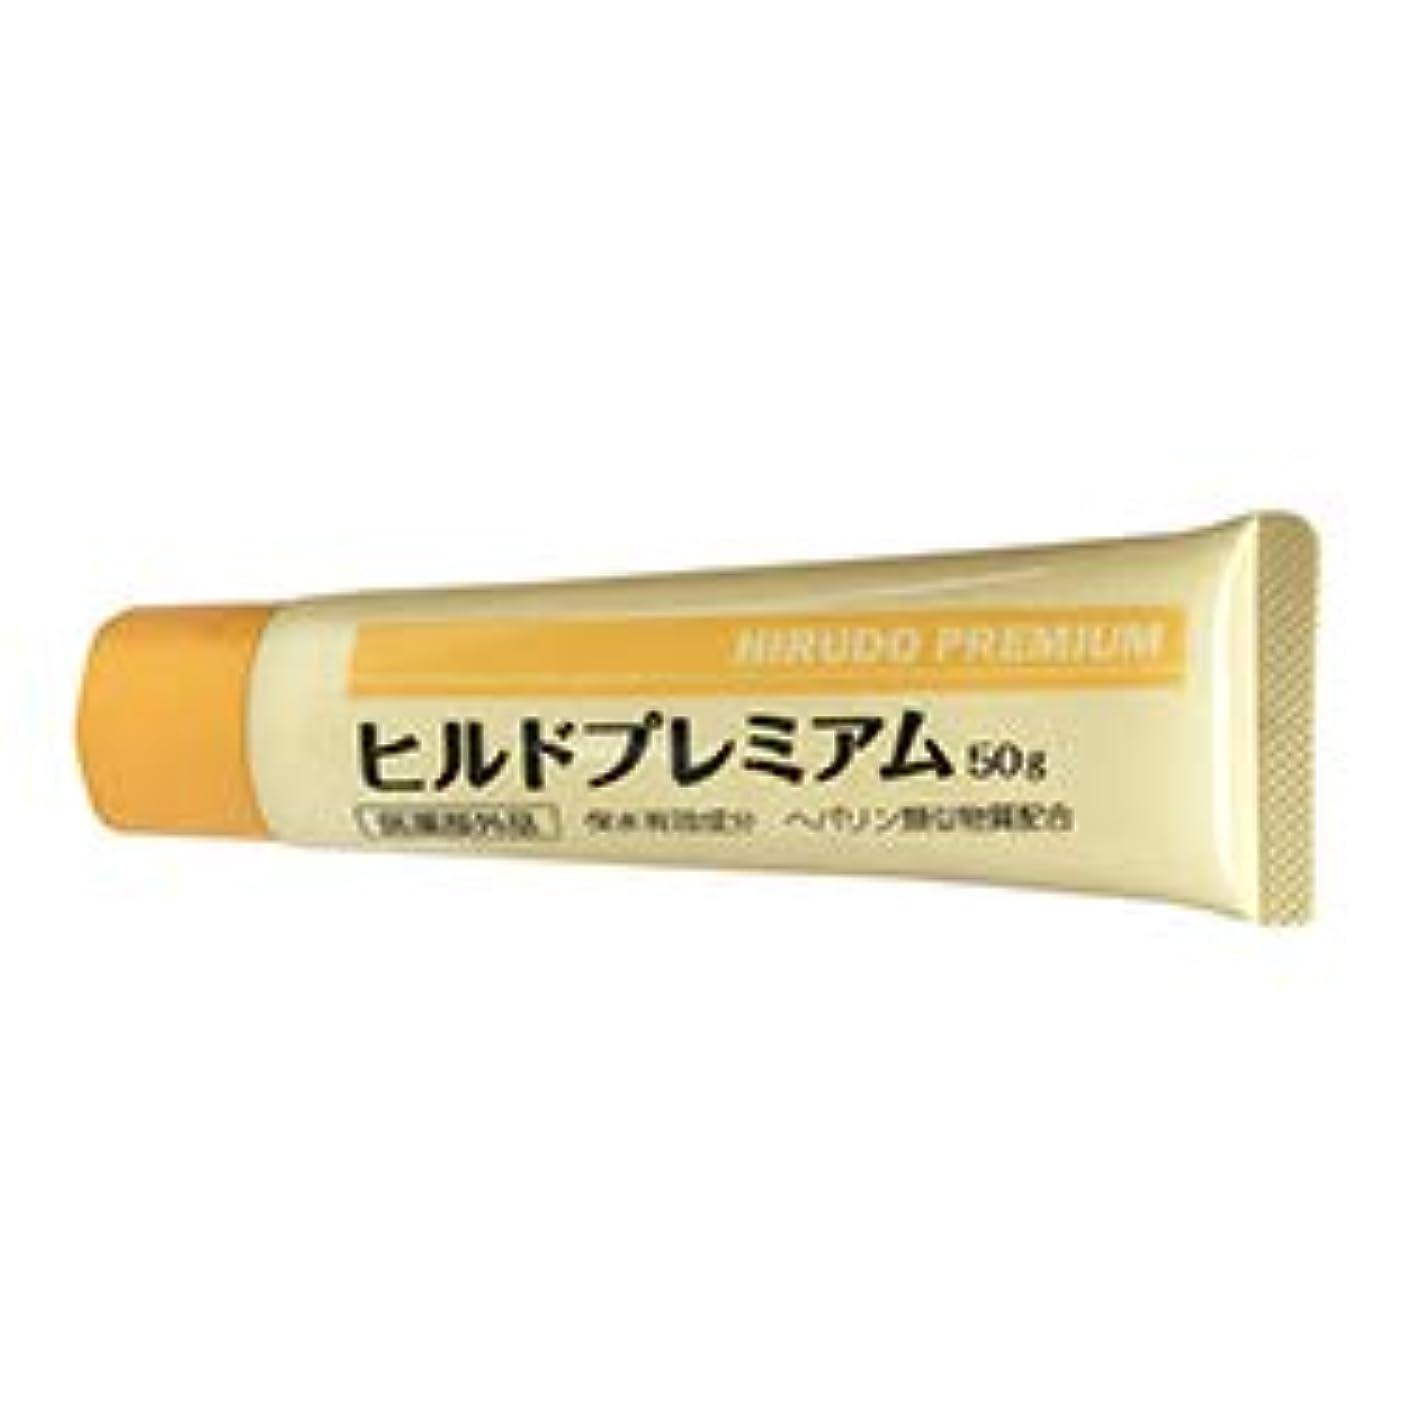 歯痛おかしい明快【ステイフリー】ヒルドプレミアム 50g ※医薬部外品 ×3個セット